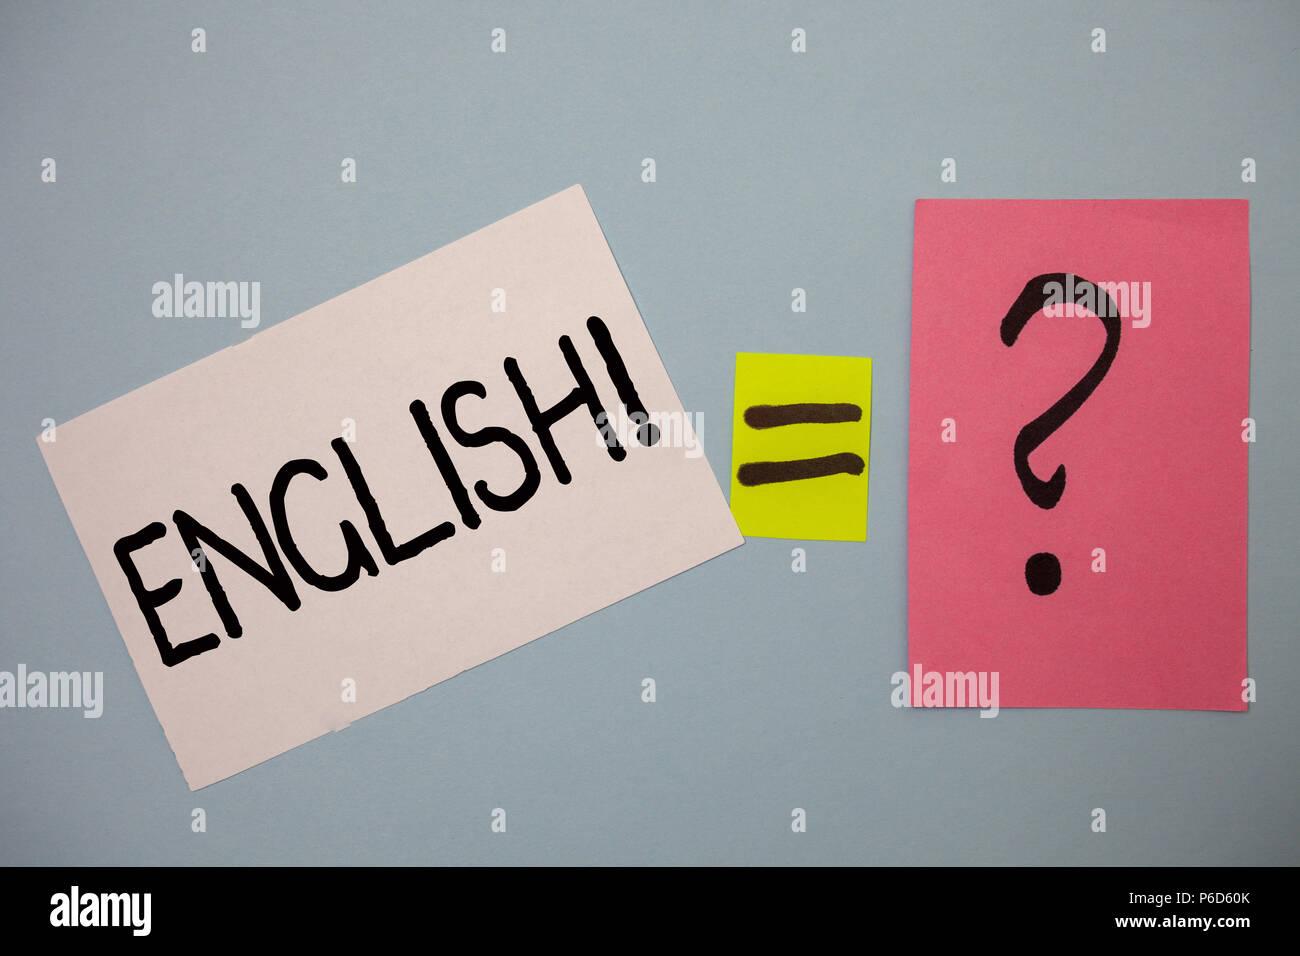 Escritura De Texto Word Inglés Llamada Motivacional